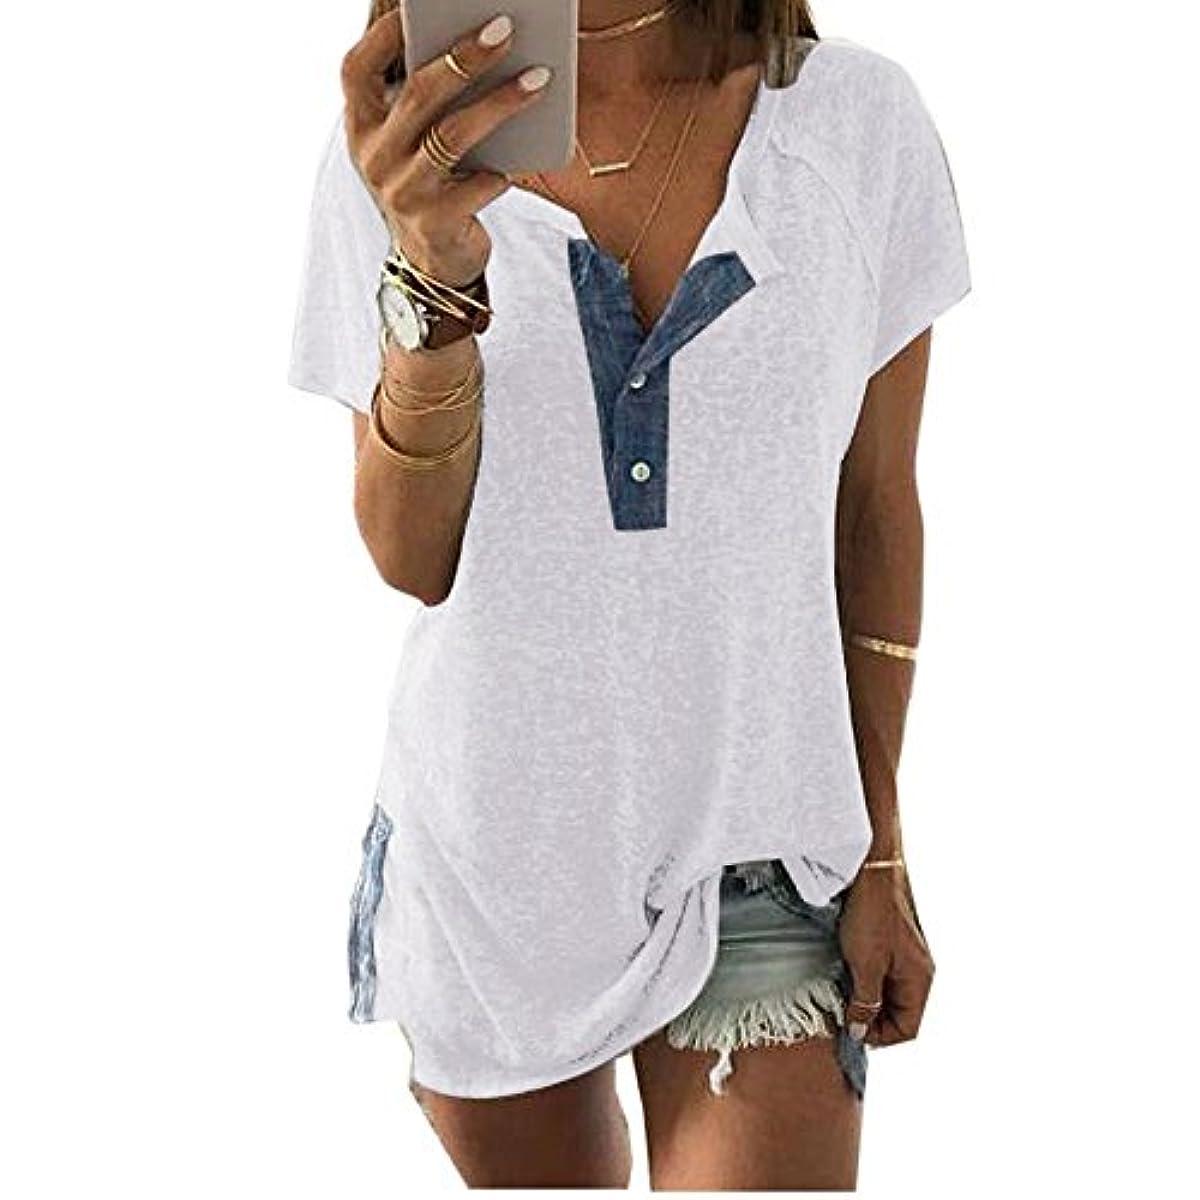 [해외] 겉옷 레이디스 여름 KOHORE 블라우스 롱 길이 레이디스 T셔츠 V넥 탑 반소매면 버튼 ## T셔츠 넉넉하게 체형 커버 멋쟁이 2색 S-5L 3L 4L 큰 사이즈 춘추 블라우스 WOMEN 셔츠 튜닉